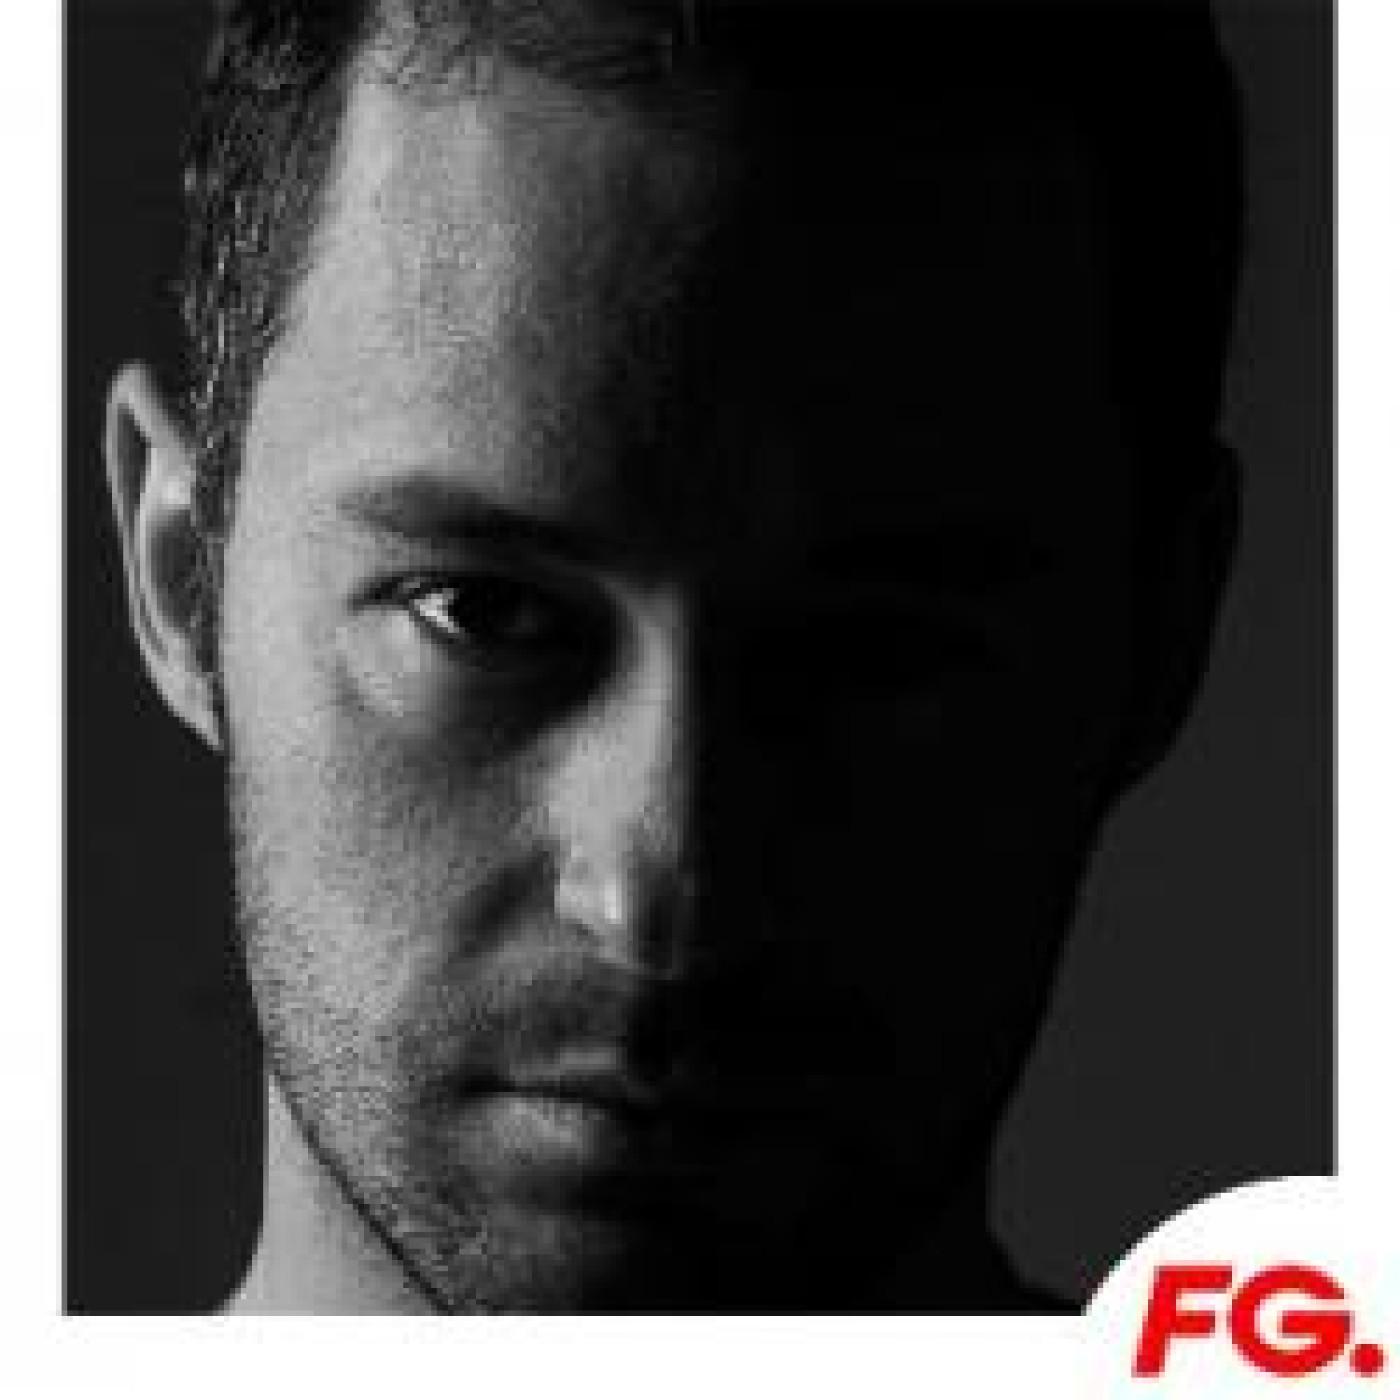 CLUB FG : LAURENT SCHARK